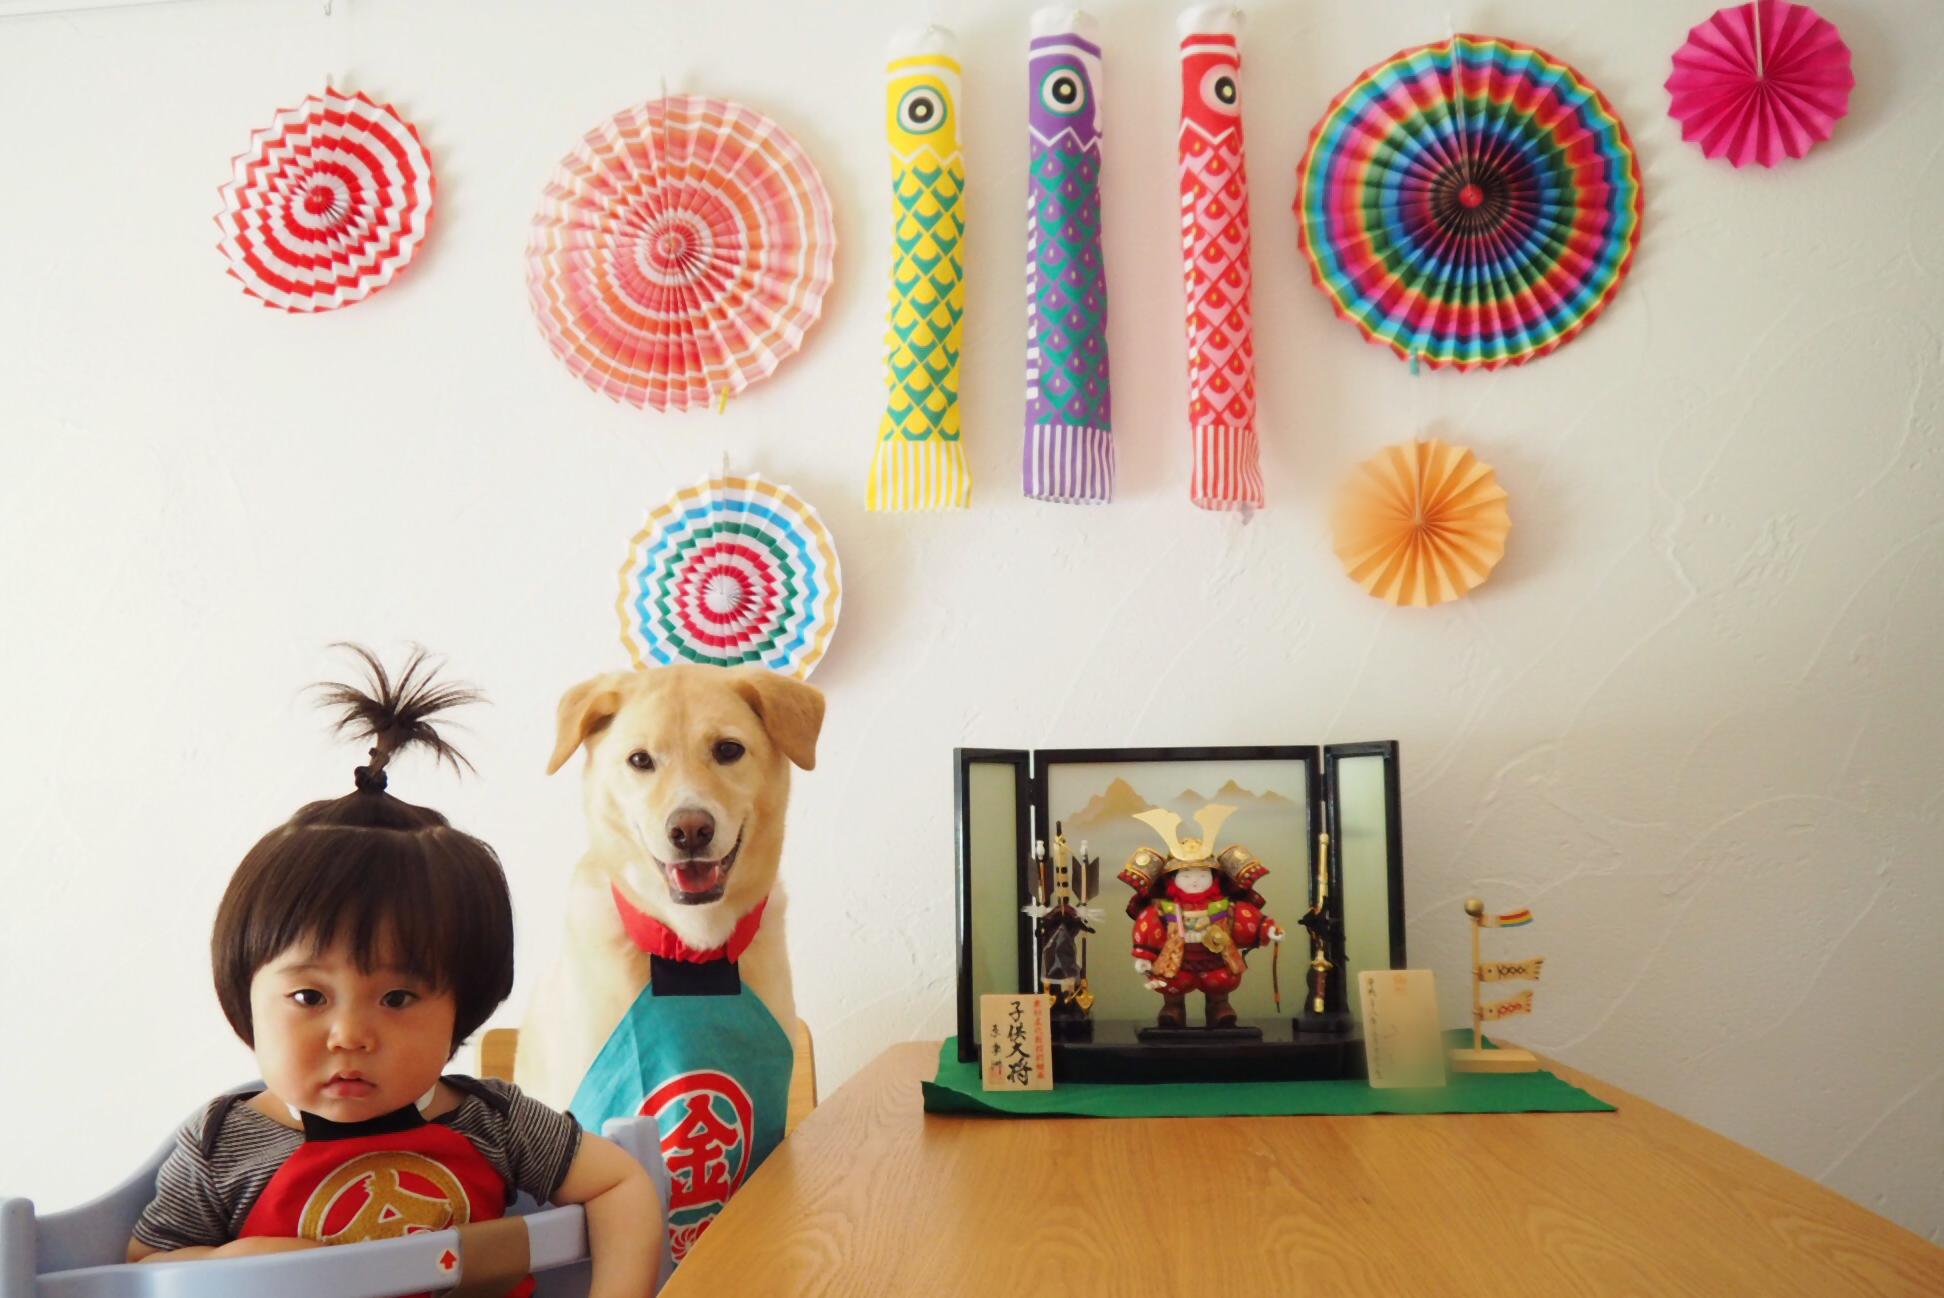 赤ちゃんと犬 子供と犬 初節句 飾り オシャレ